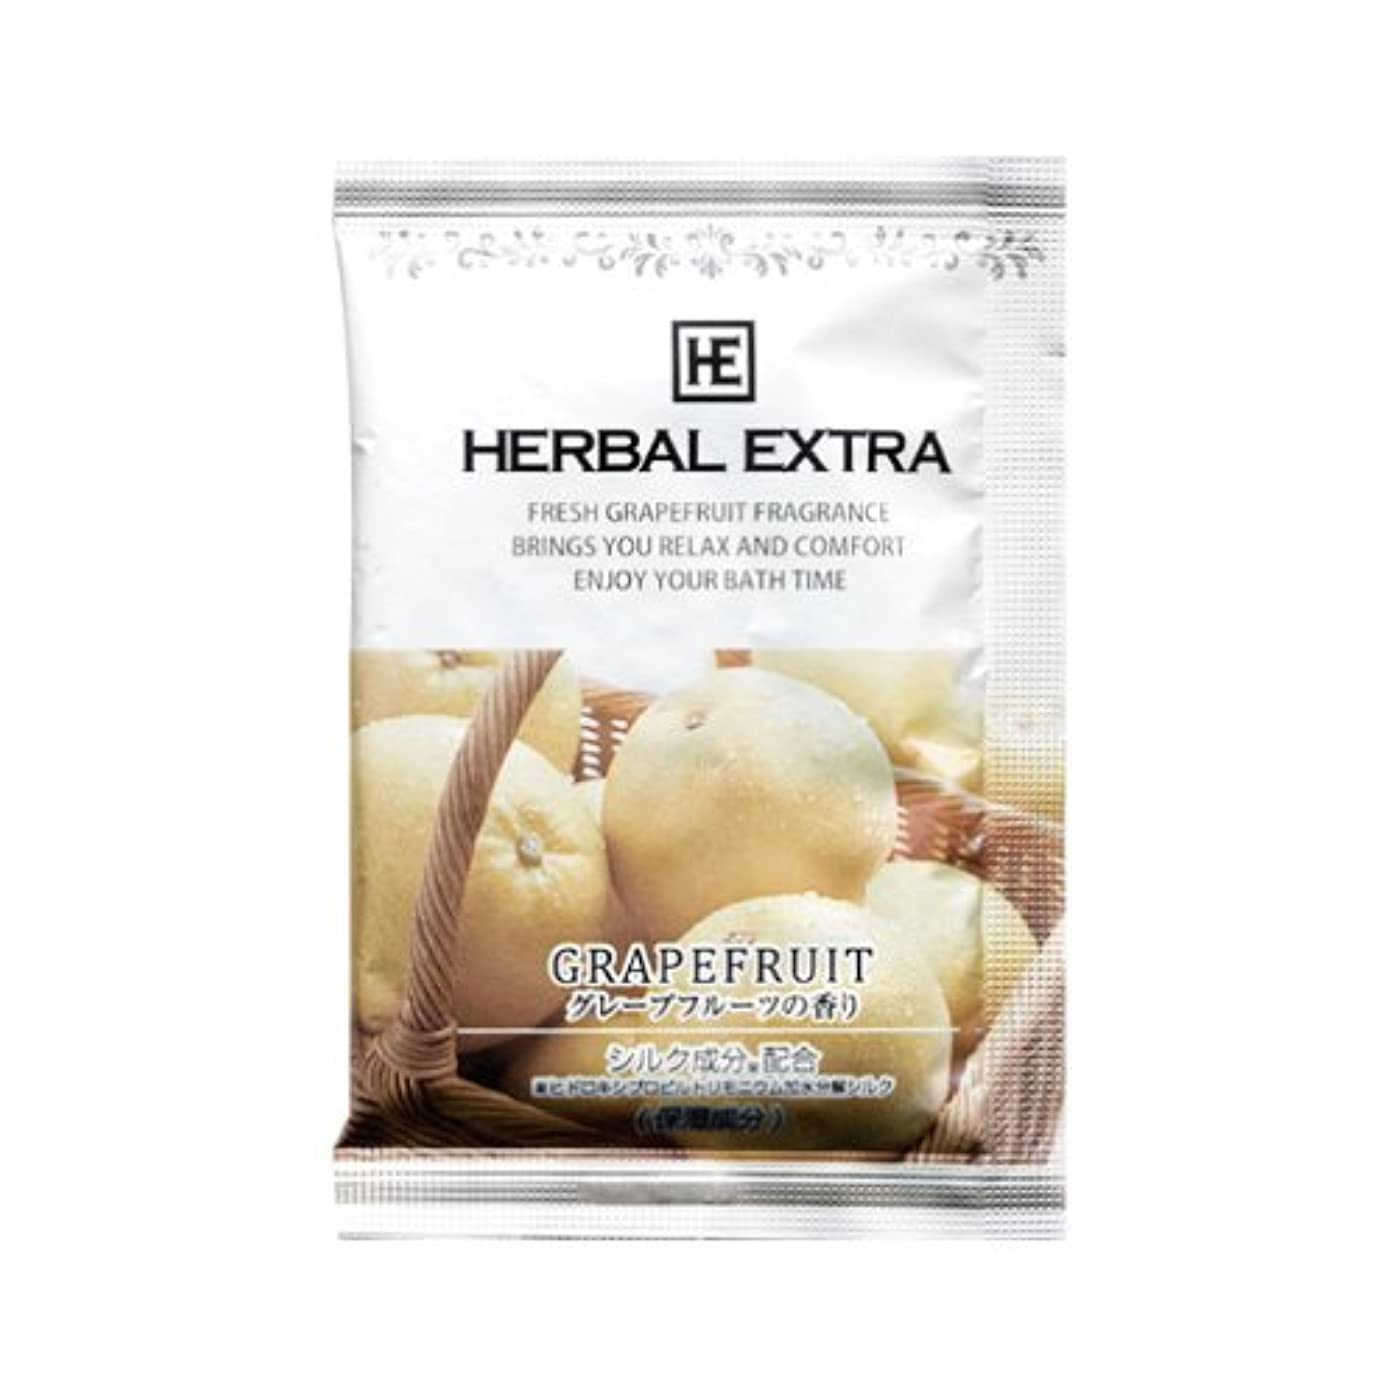 農奴殉教者バレルハーバルエクストラ入浴剤 グレープフルーツの香り 40包